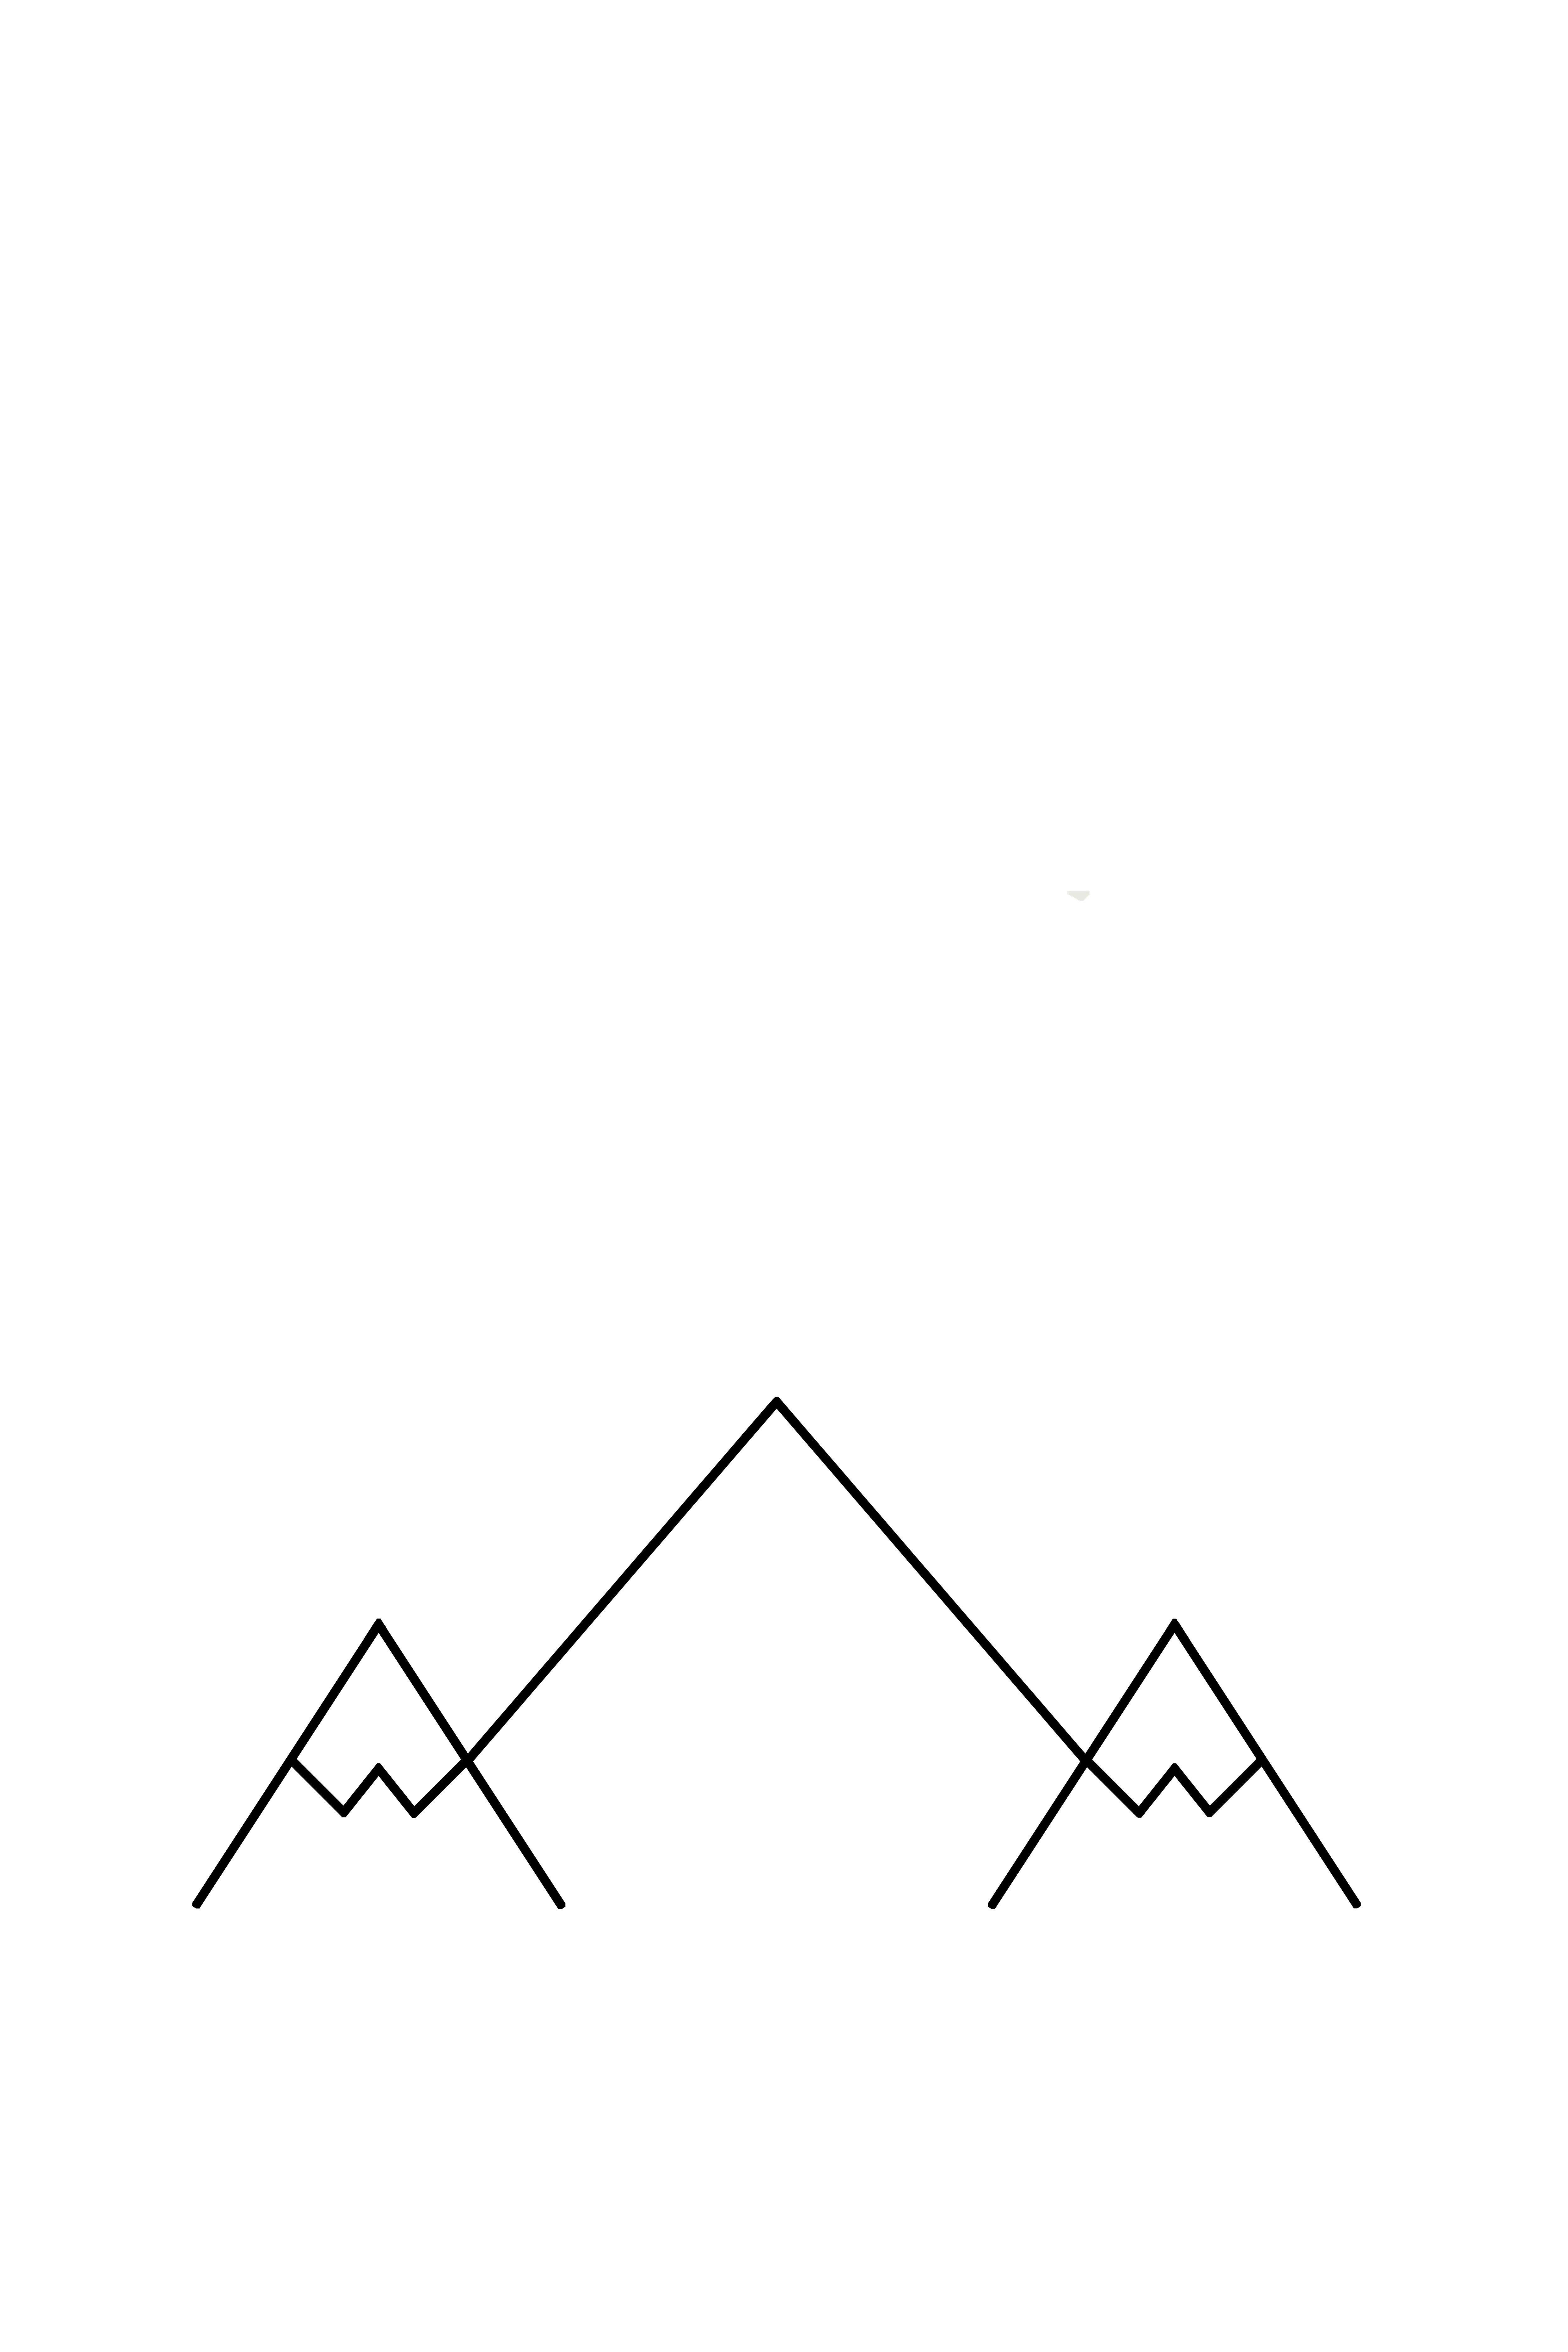 Mountain Nordic Poster black white Print Printable Wall ...